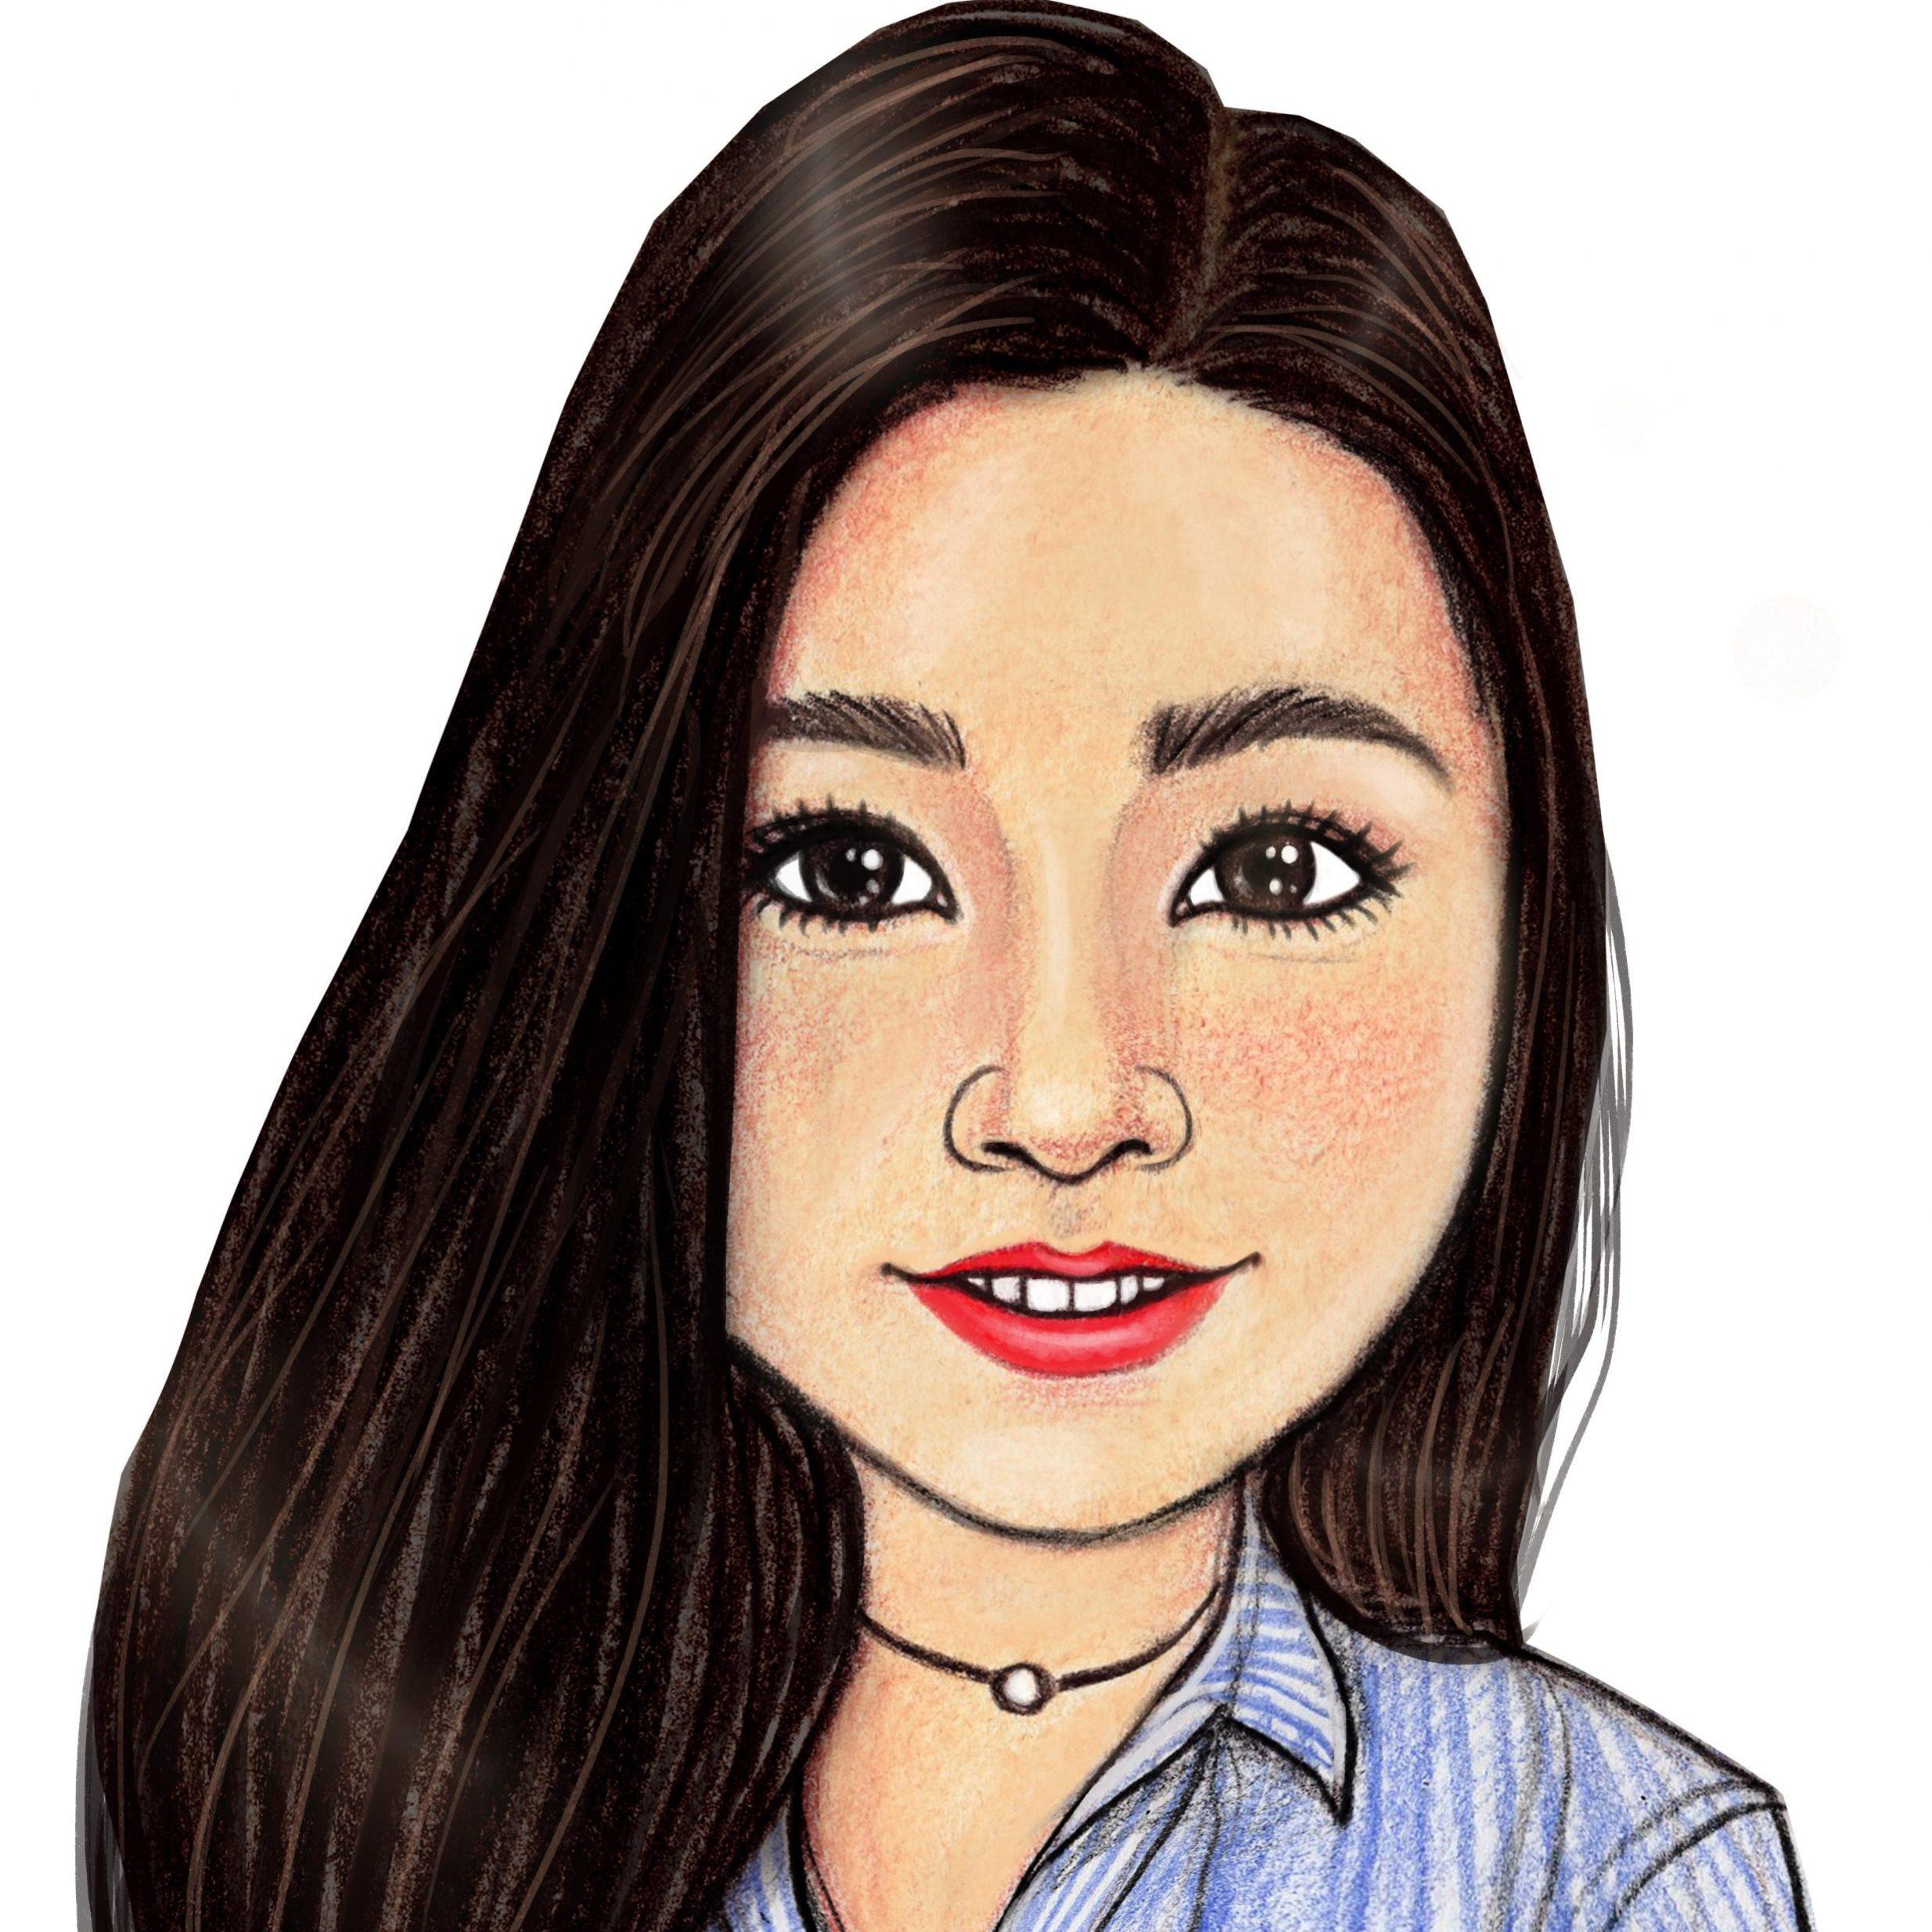 Carol Ji